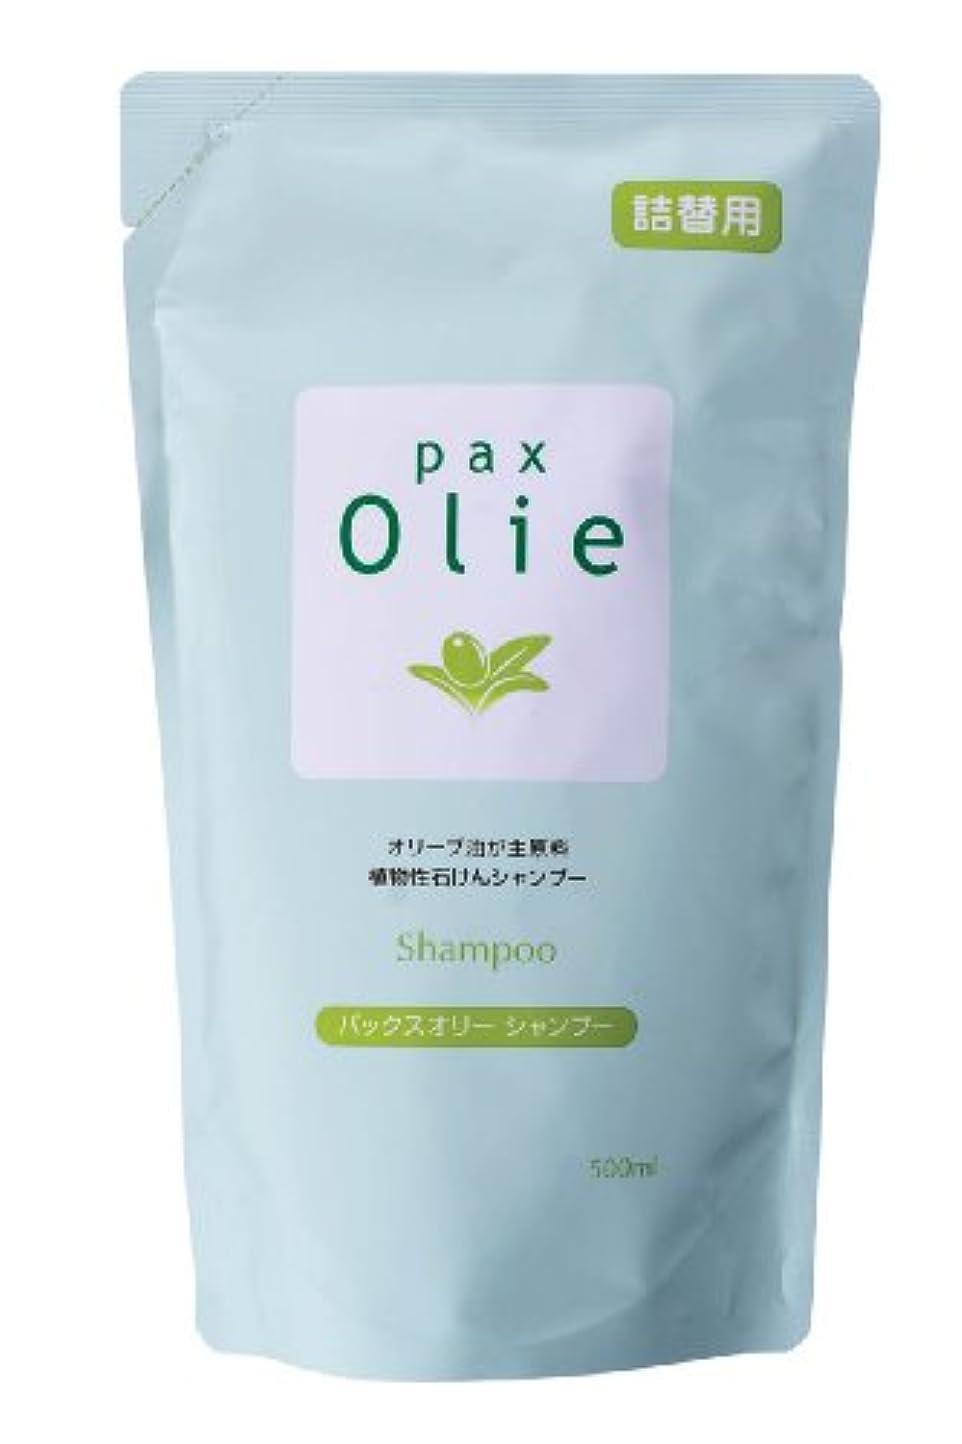 祝福するビュッフェデータムPAX Olie(パックスオリー) パックスオリー シャンプー 詰替用 500mL